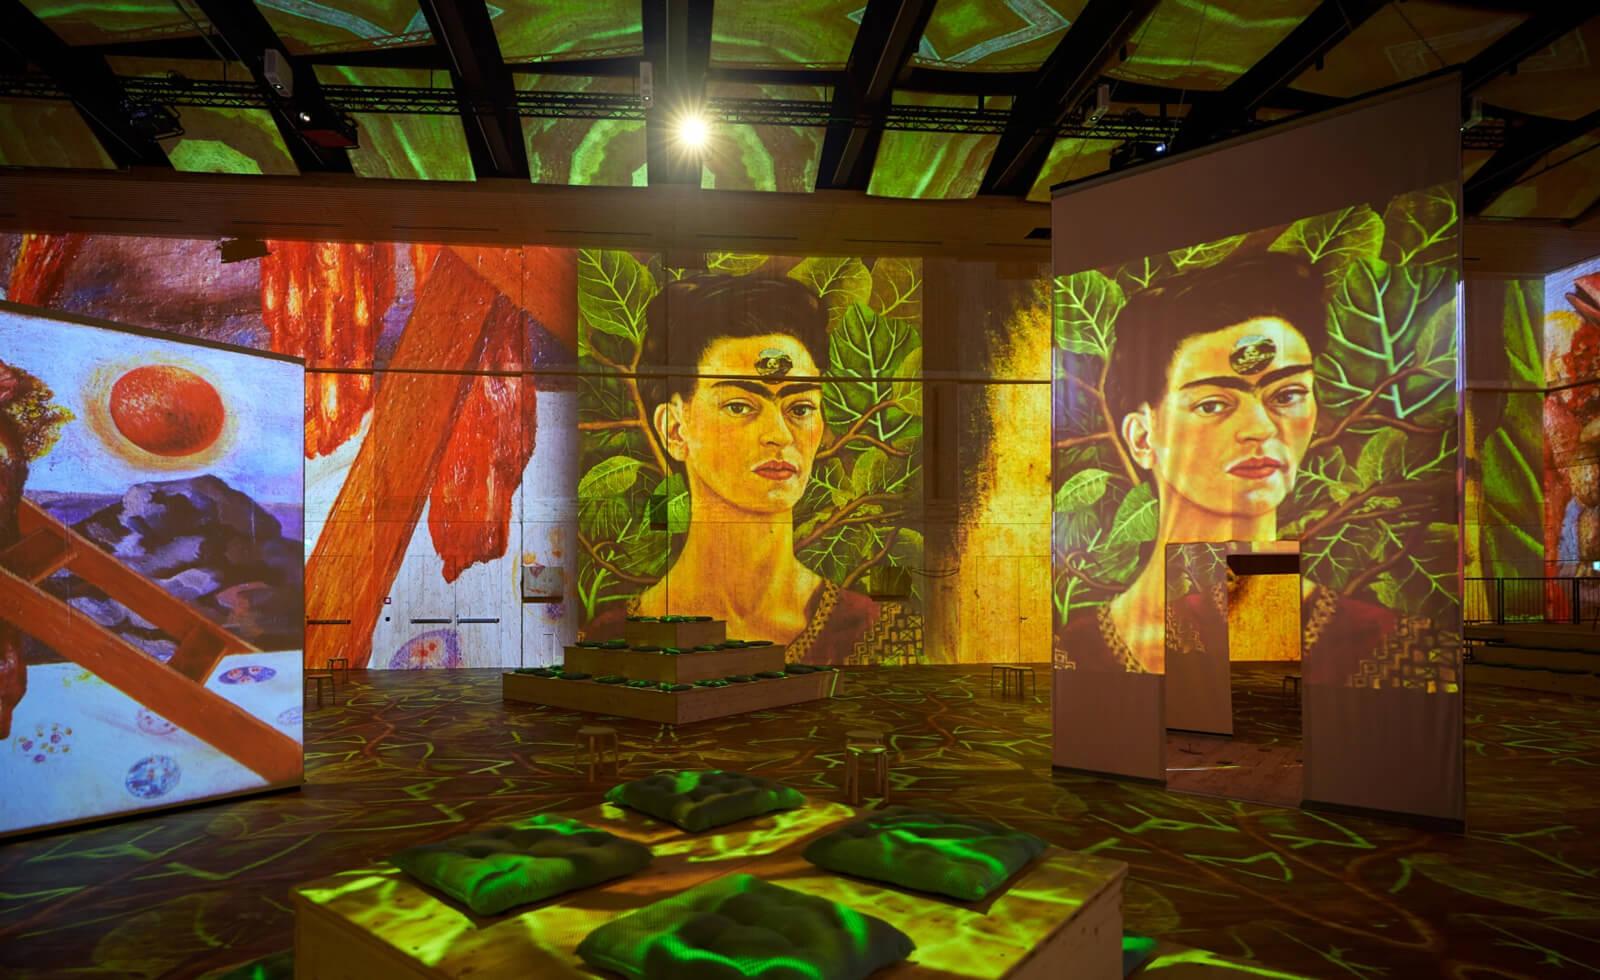 Viva Frida Kahlo Exhibit in Zurich